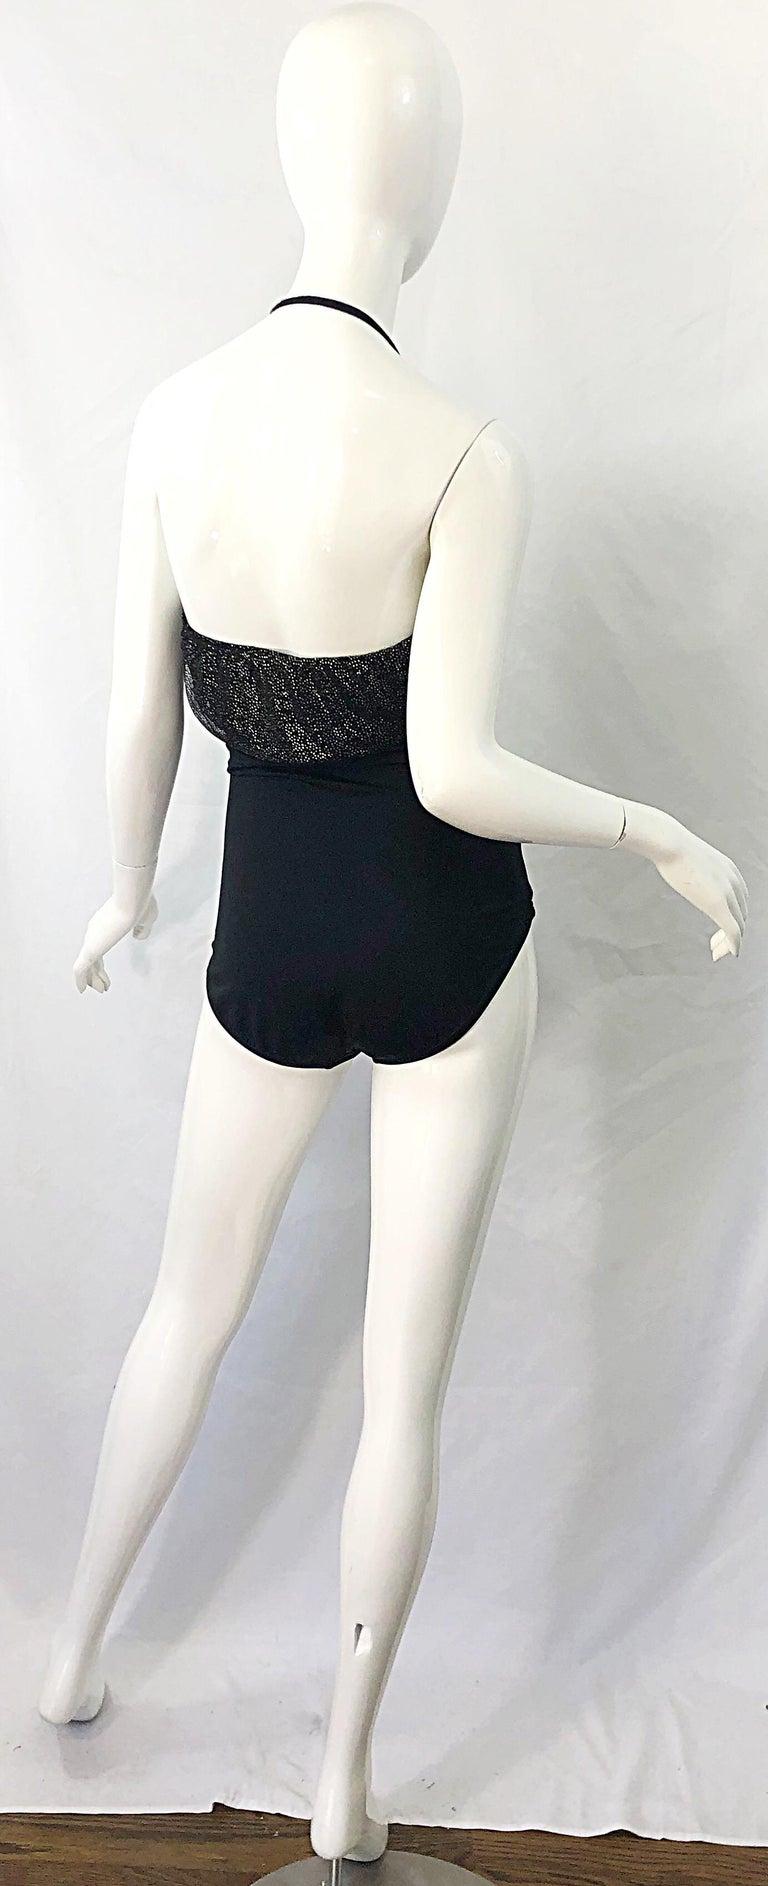 1980s Yves Saint Laurent Size 14 Black / Gold One Piece Halter Swimsuit Bodysuit For Sale 3